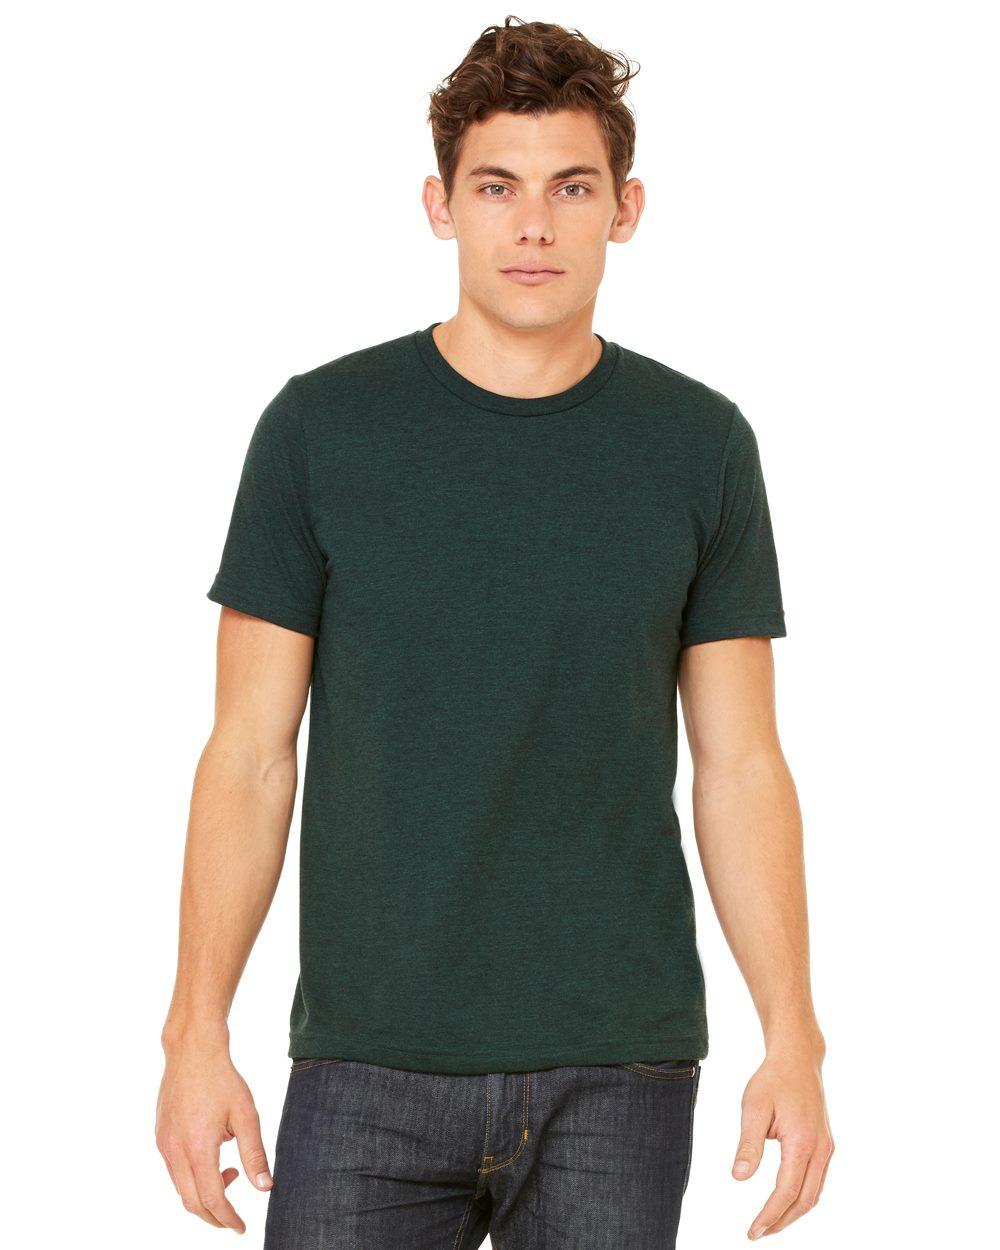 SUMT4men Lets Get Fucking Weird Mens Crew Neck Short Sleeve T-Shirt Casual Shirt for Men